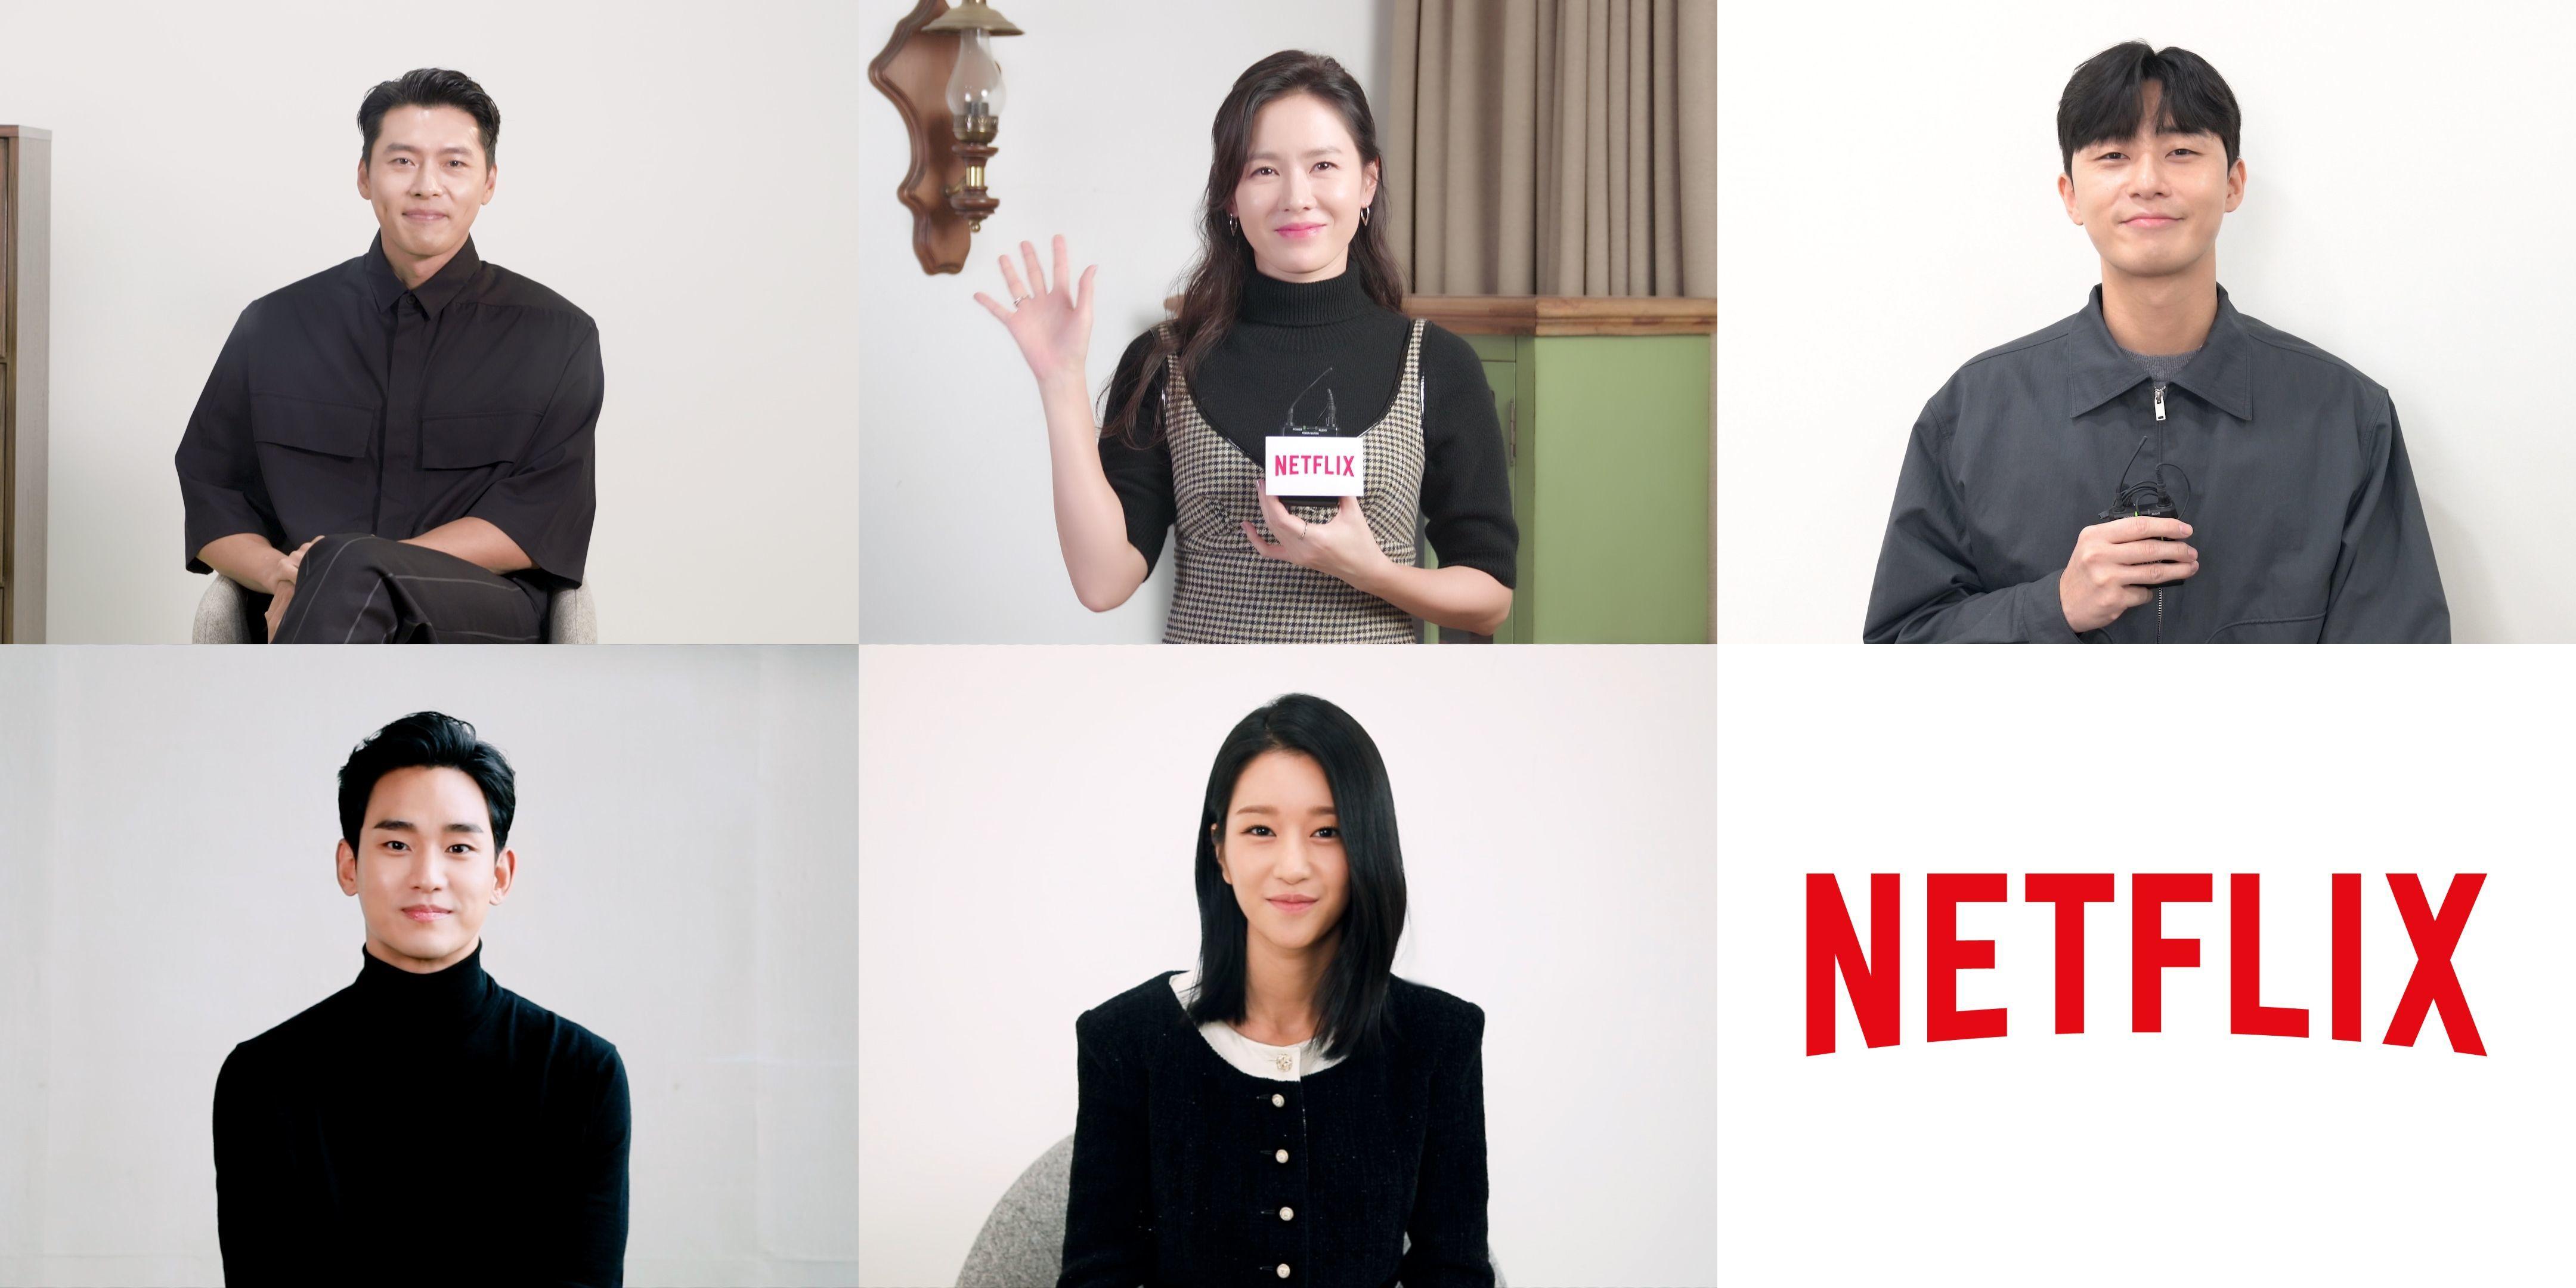 Netflix オリジナルシリーズ『愛の不時着』、『梨泰院クラス』、『サイコだけど大丈夫』独占配信中